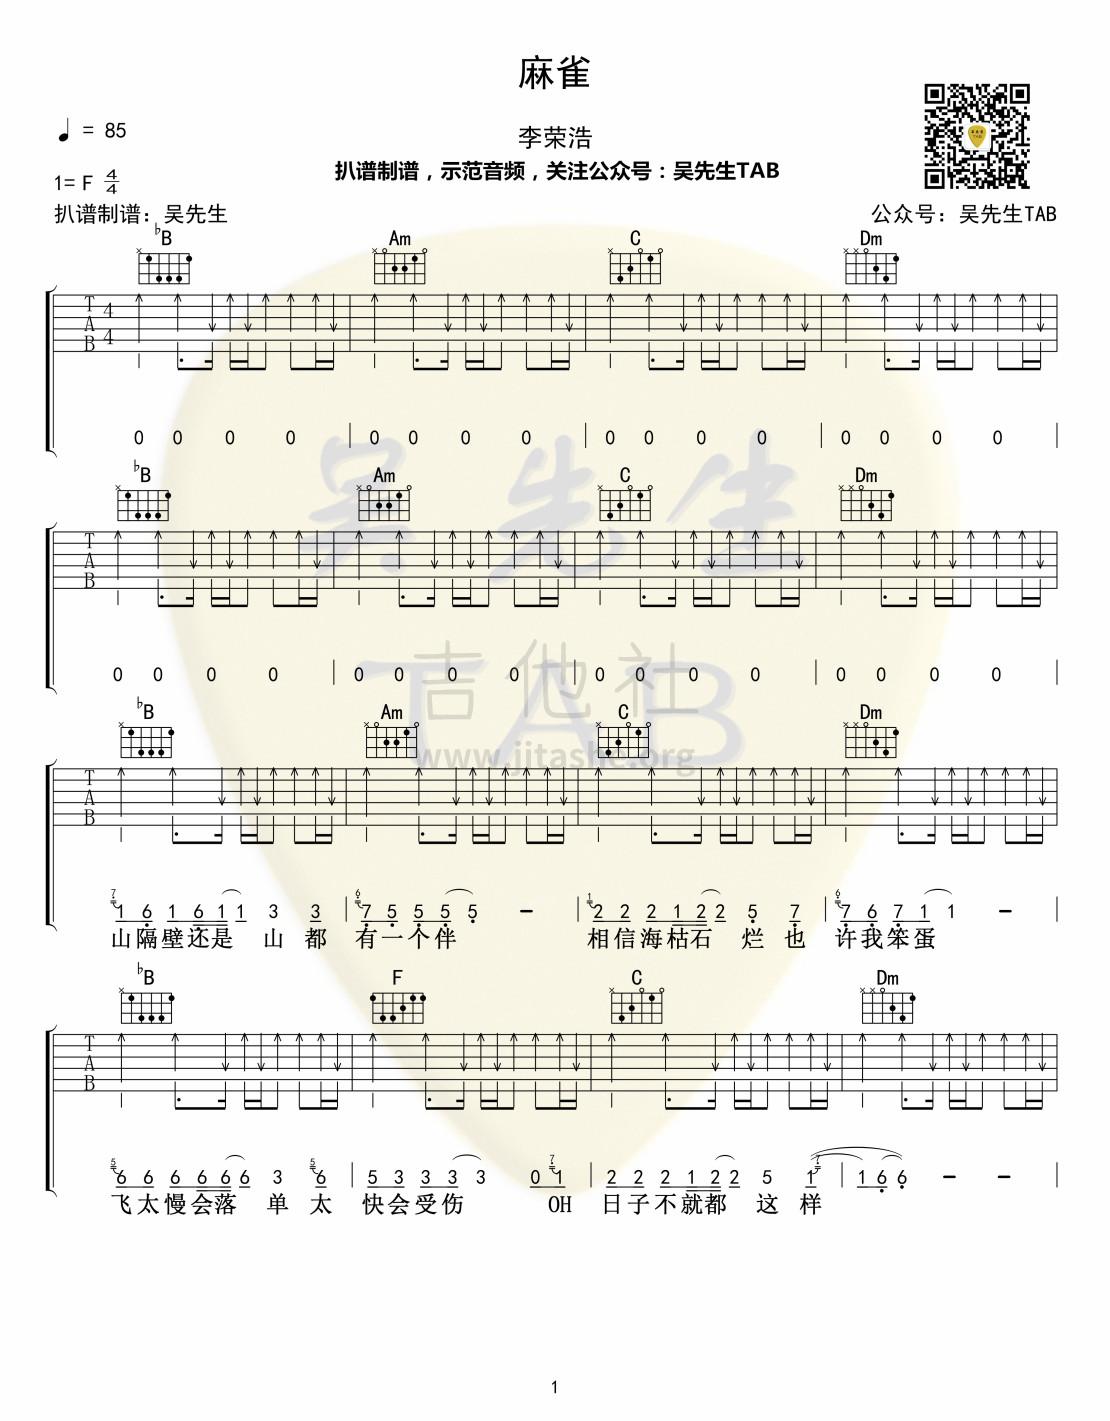 麻雀吉他谱(图片谱,弹唱)_李荣浩_麻雀01.jpg